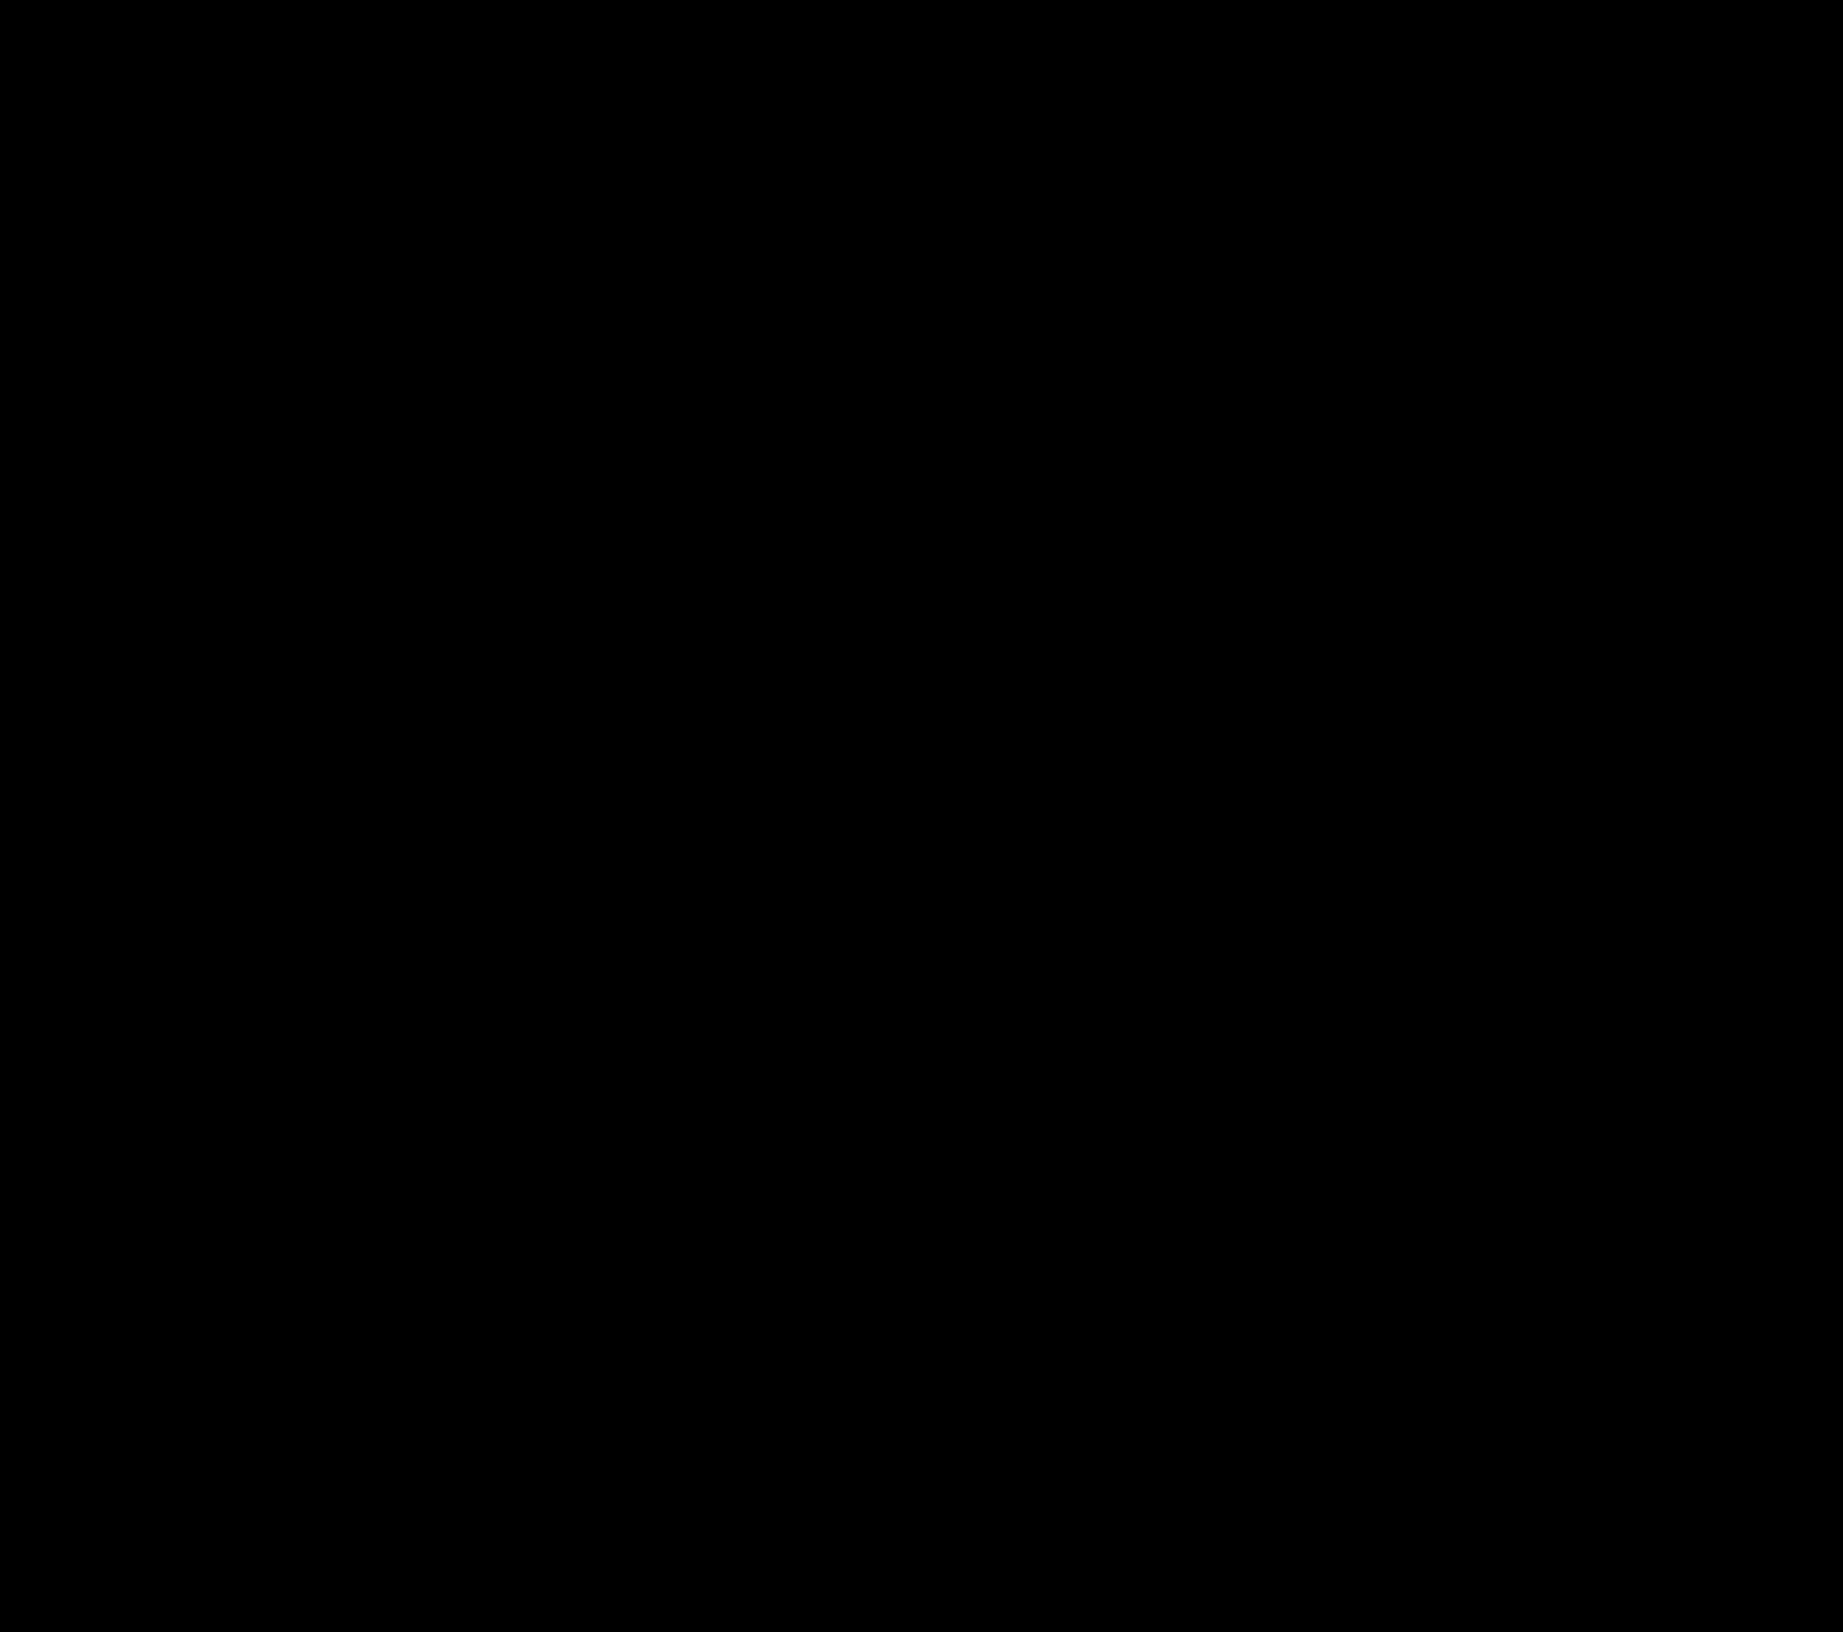 Free Pitbull Silhouette Clip Art, Download Free Clip Art.